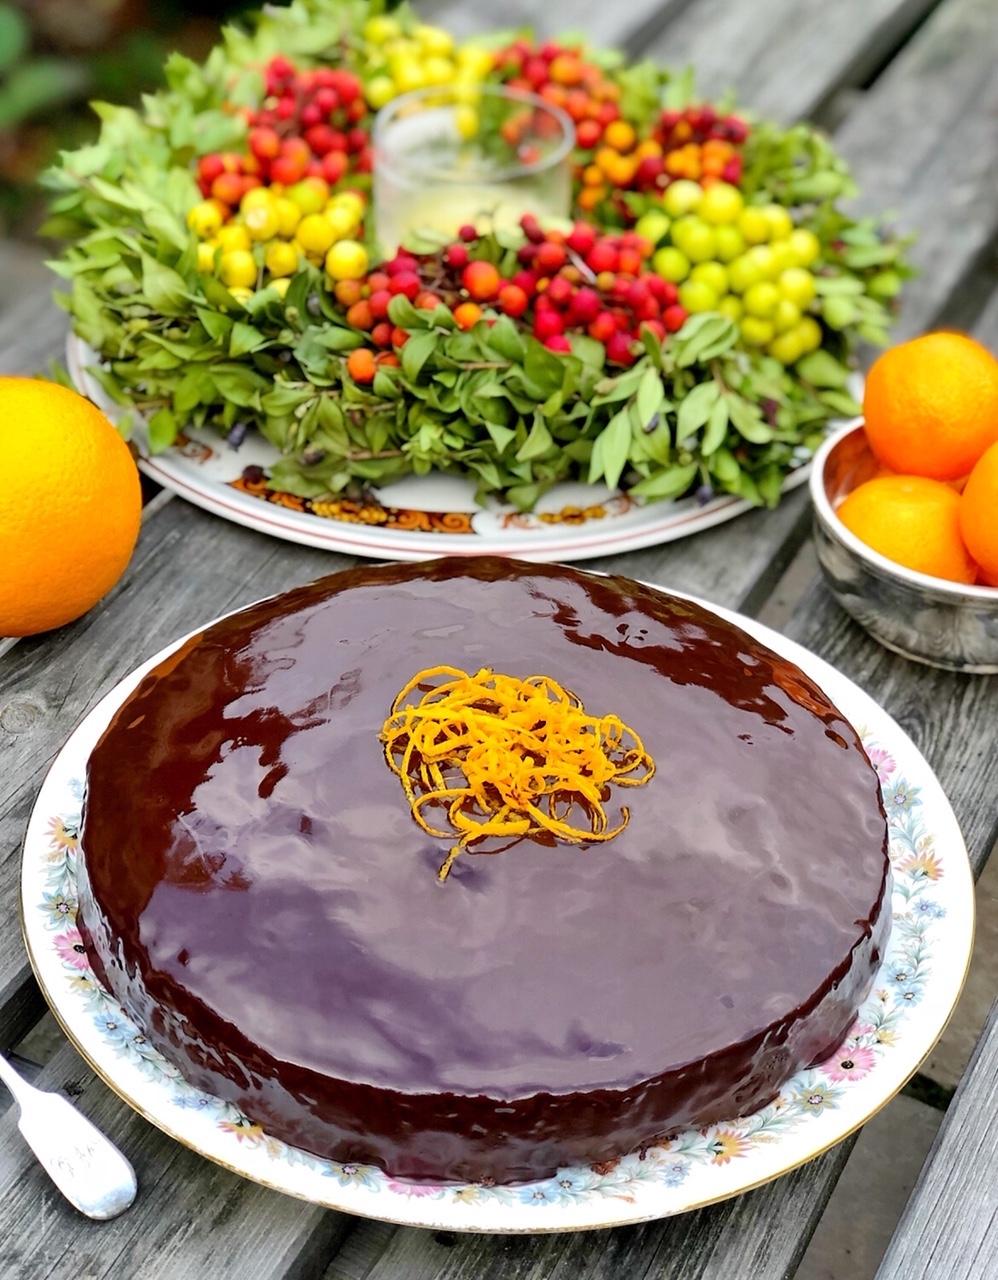 Socni kolac od pomorandze i badema.jpg